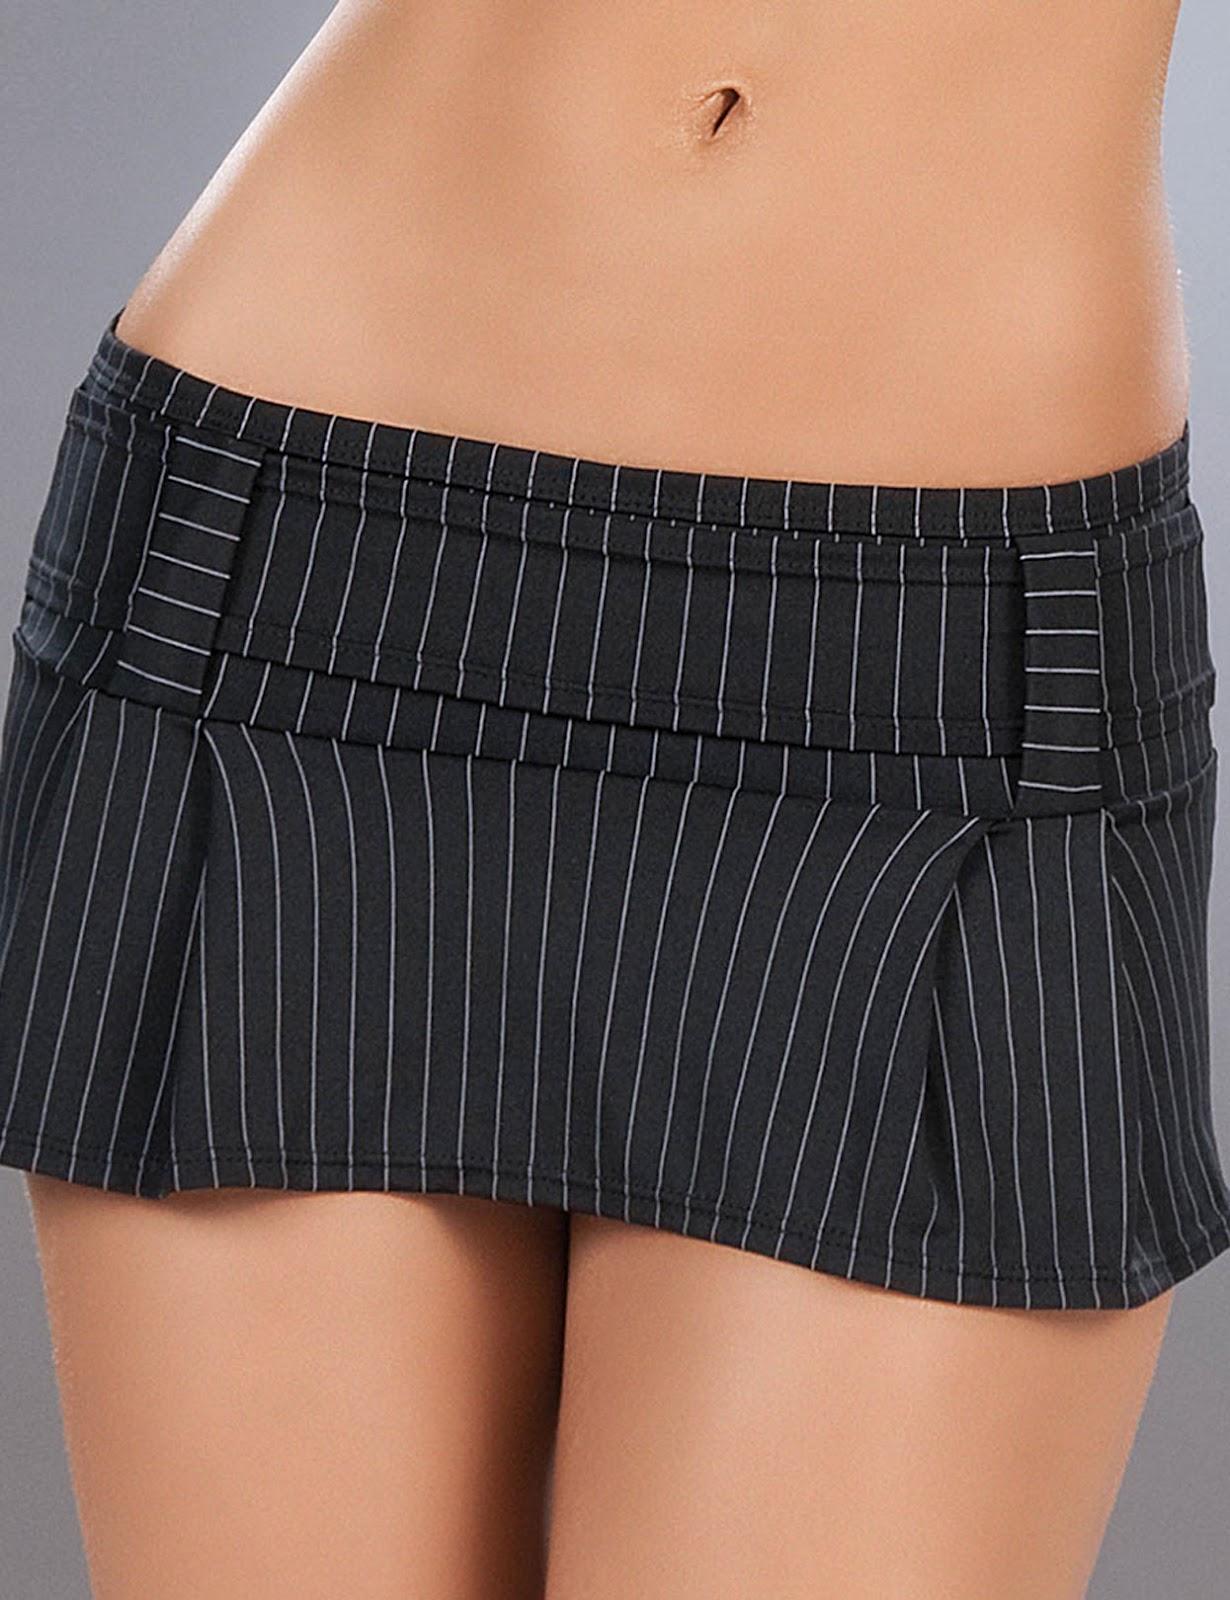 Micro mini skirt women